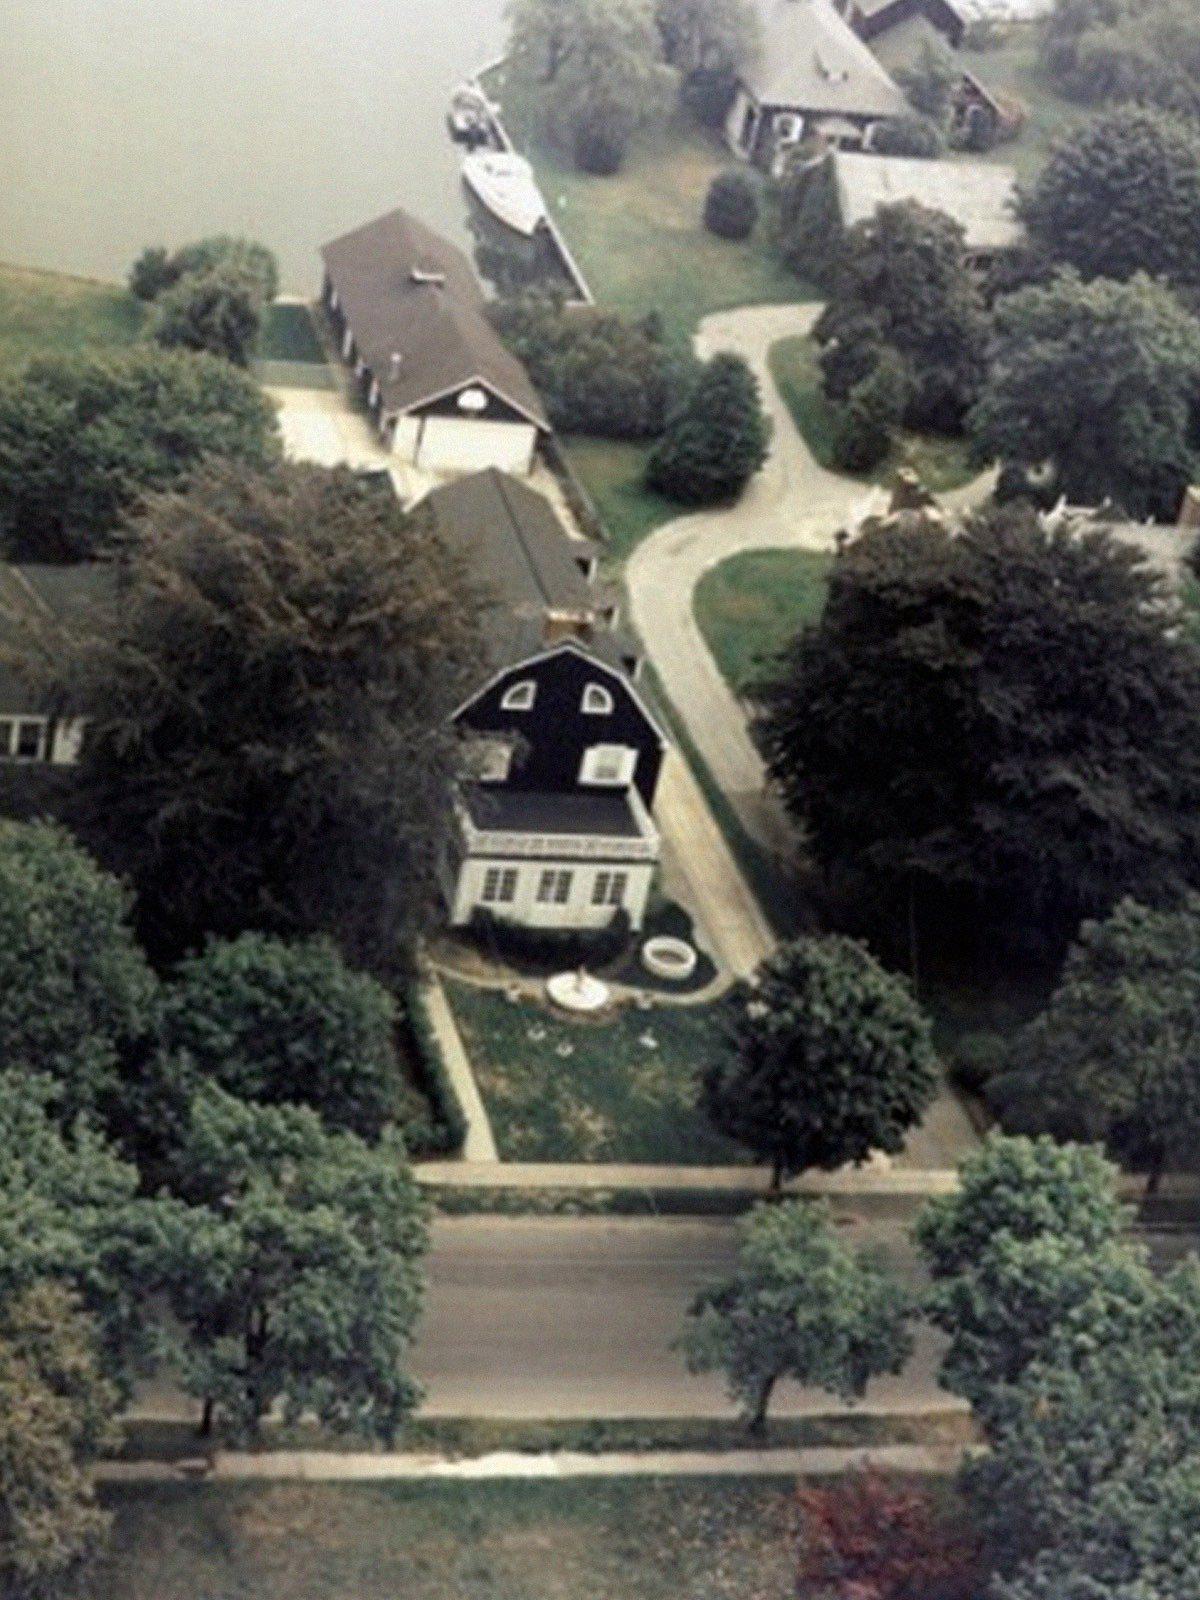 The Defeo Family Massacre: Amityville Horrors